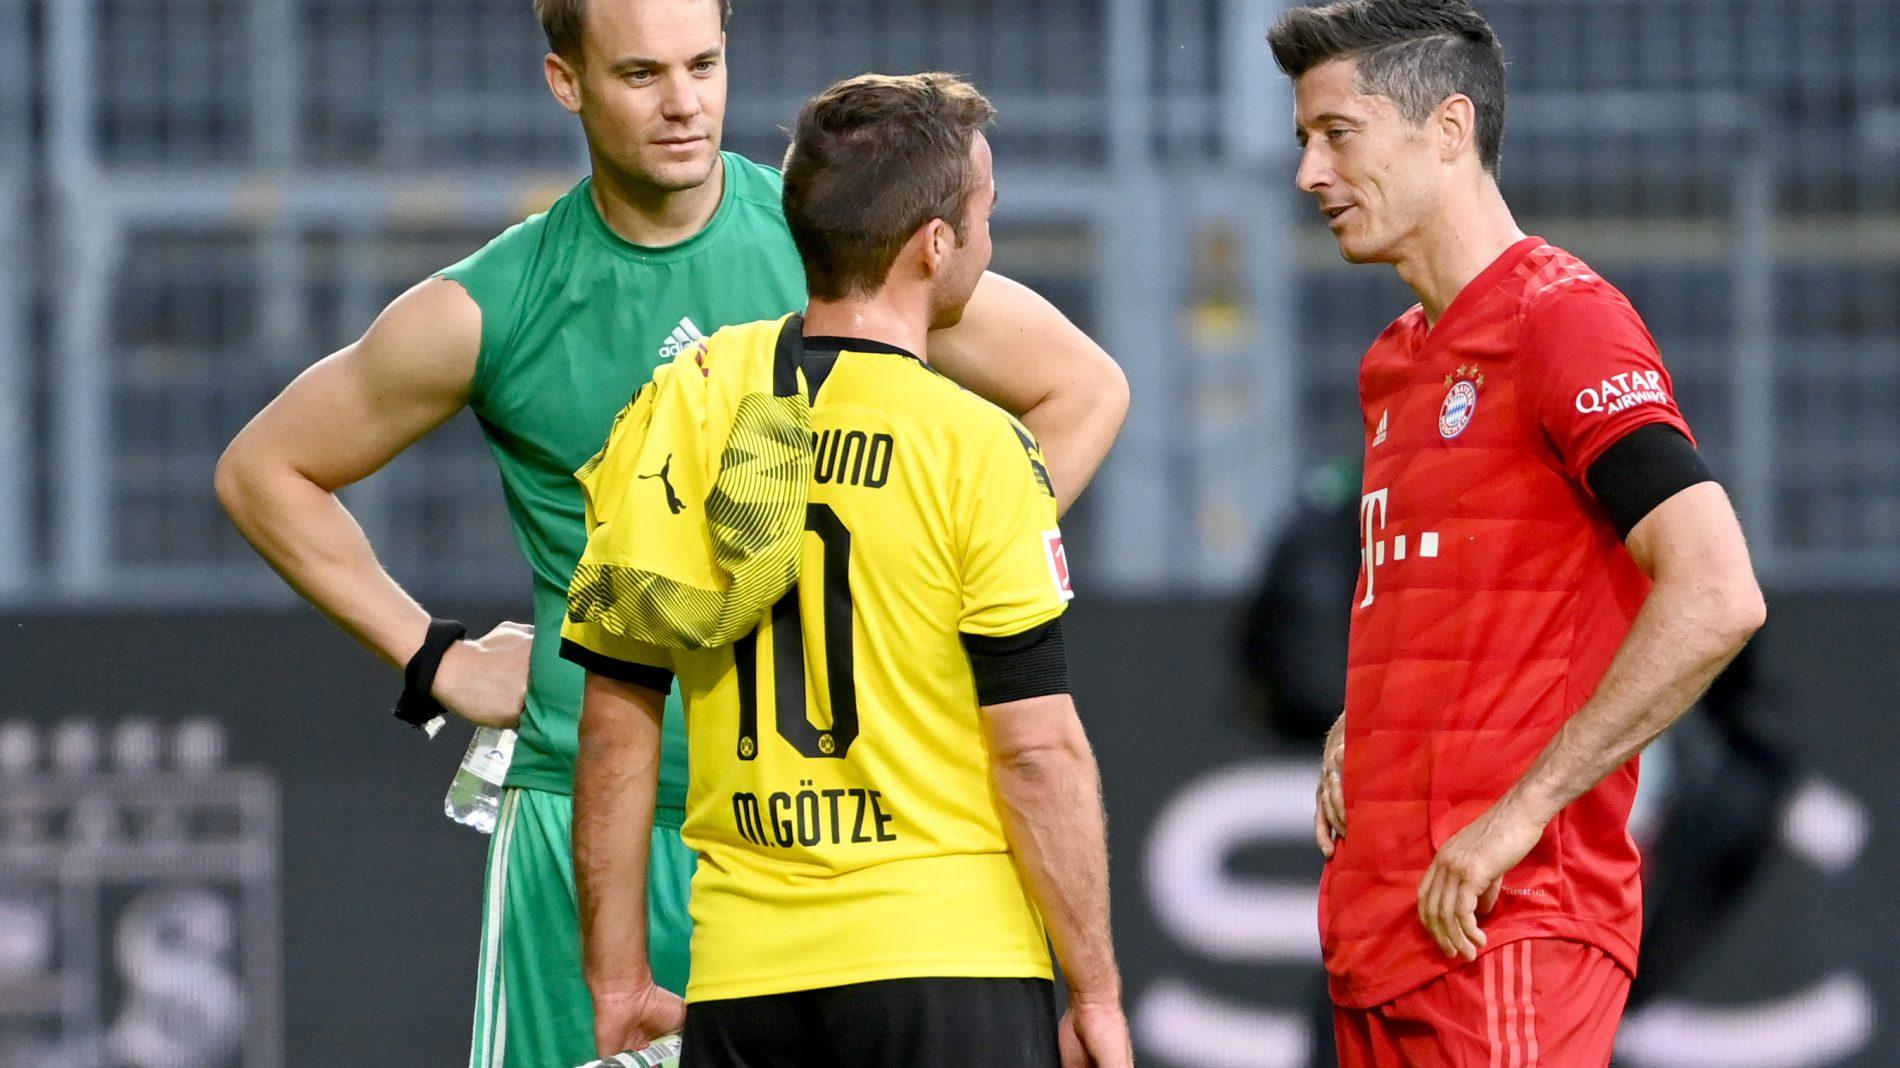 旧将:希望格策加盟拜仁,他将遇到了解和重视他的教练